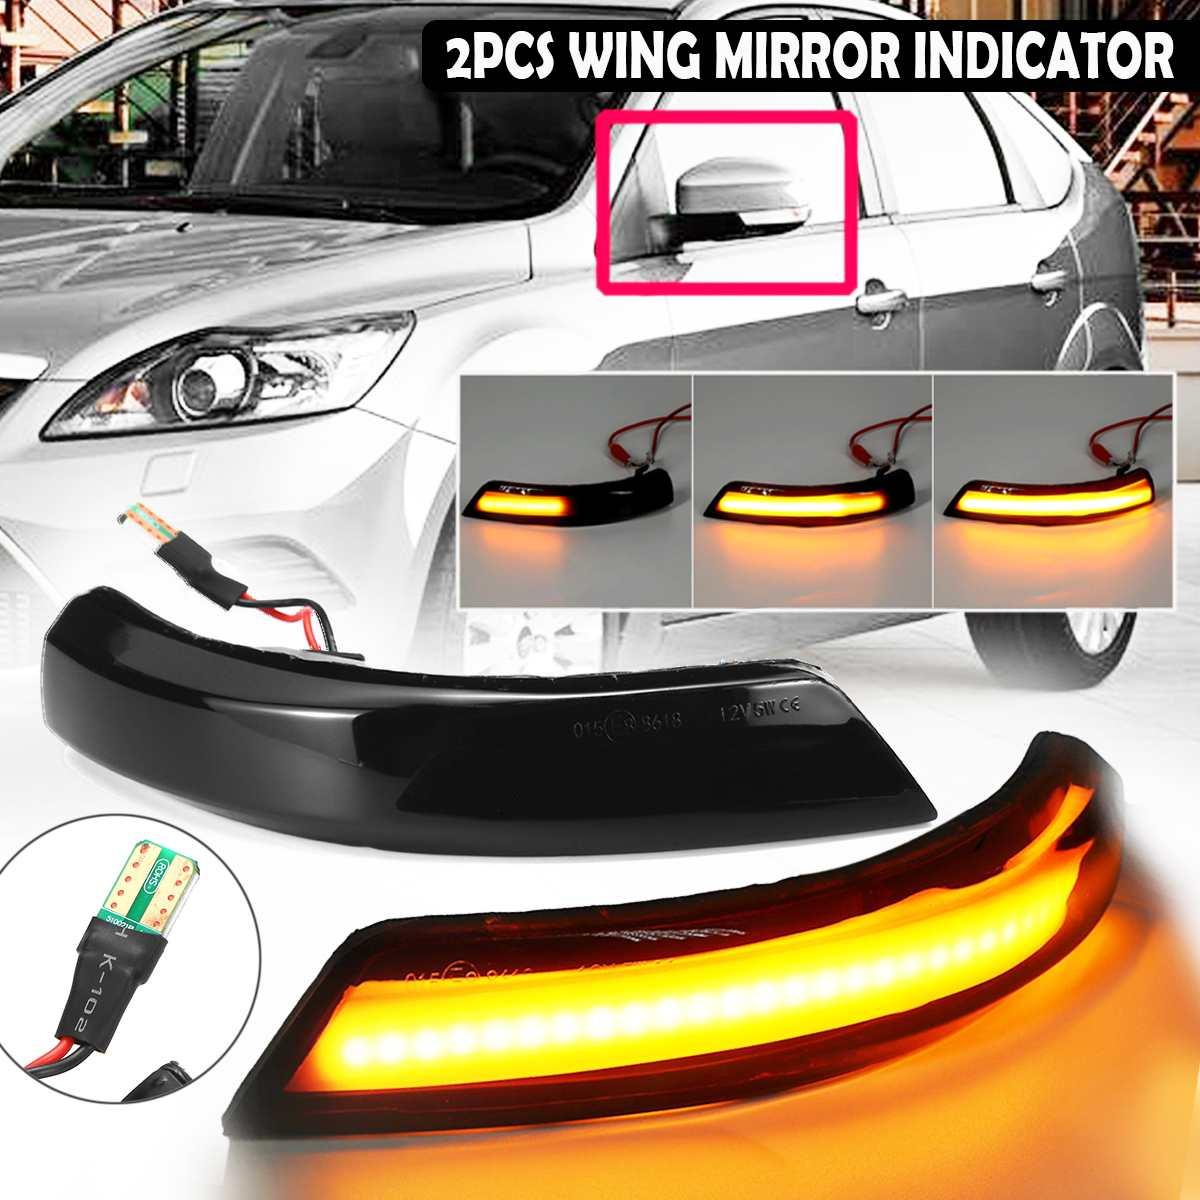 2pcs Fluindo Turn Signal LED Light Side Asa Dinâmica Repetidor Indicador Blinker Luz para Ford Focus Espelho Retrovisor para mondeo